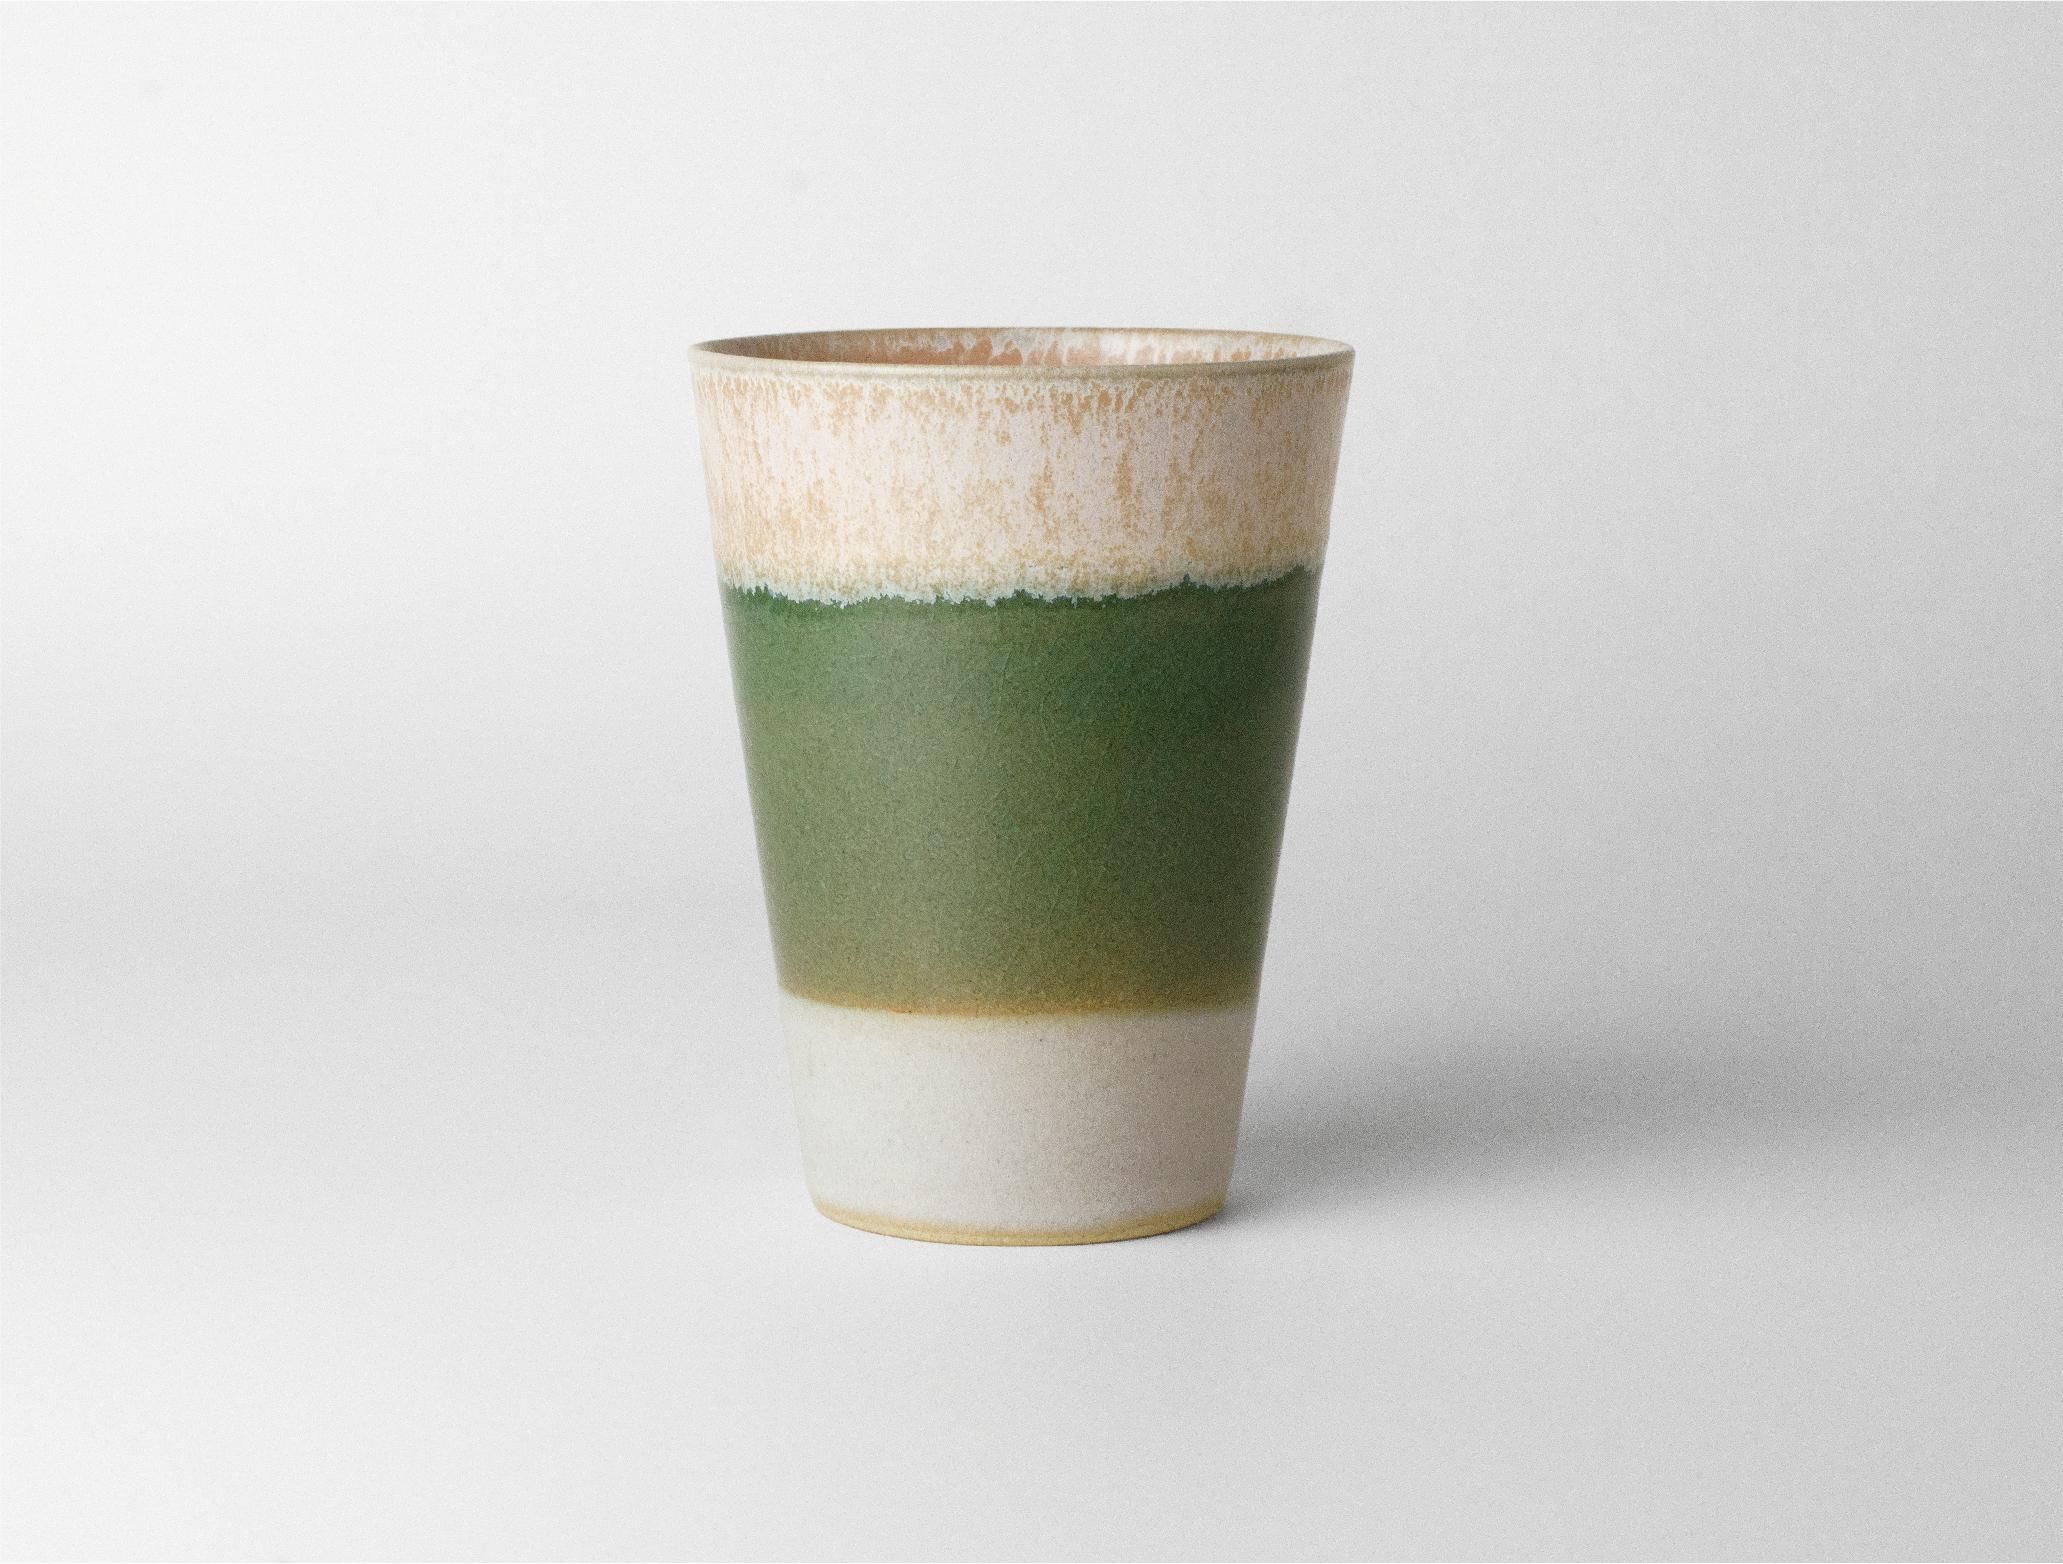 Fujisan_haru 250mlカップ イメージ